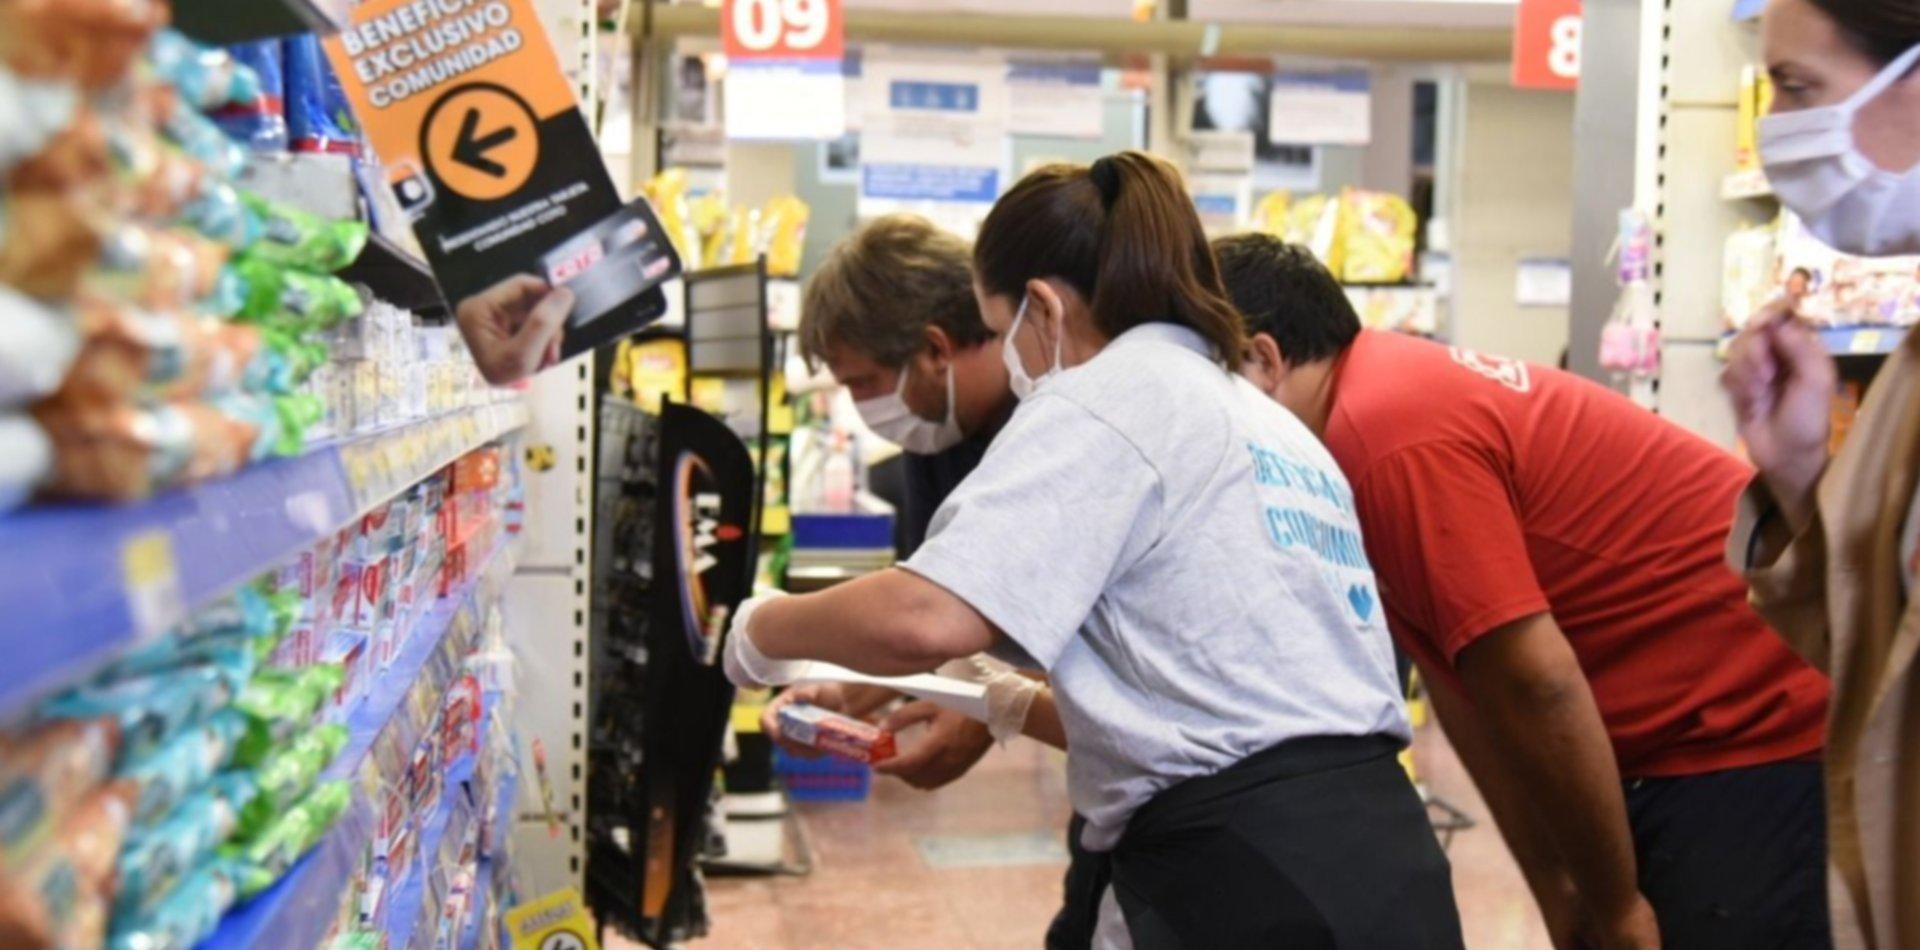 Sancionan a un supermercado chino de La Plata por aumentos excesivos del 40% en los precios